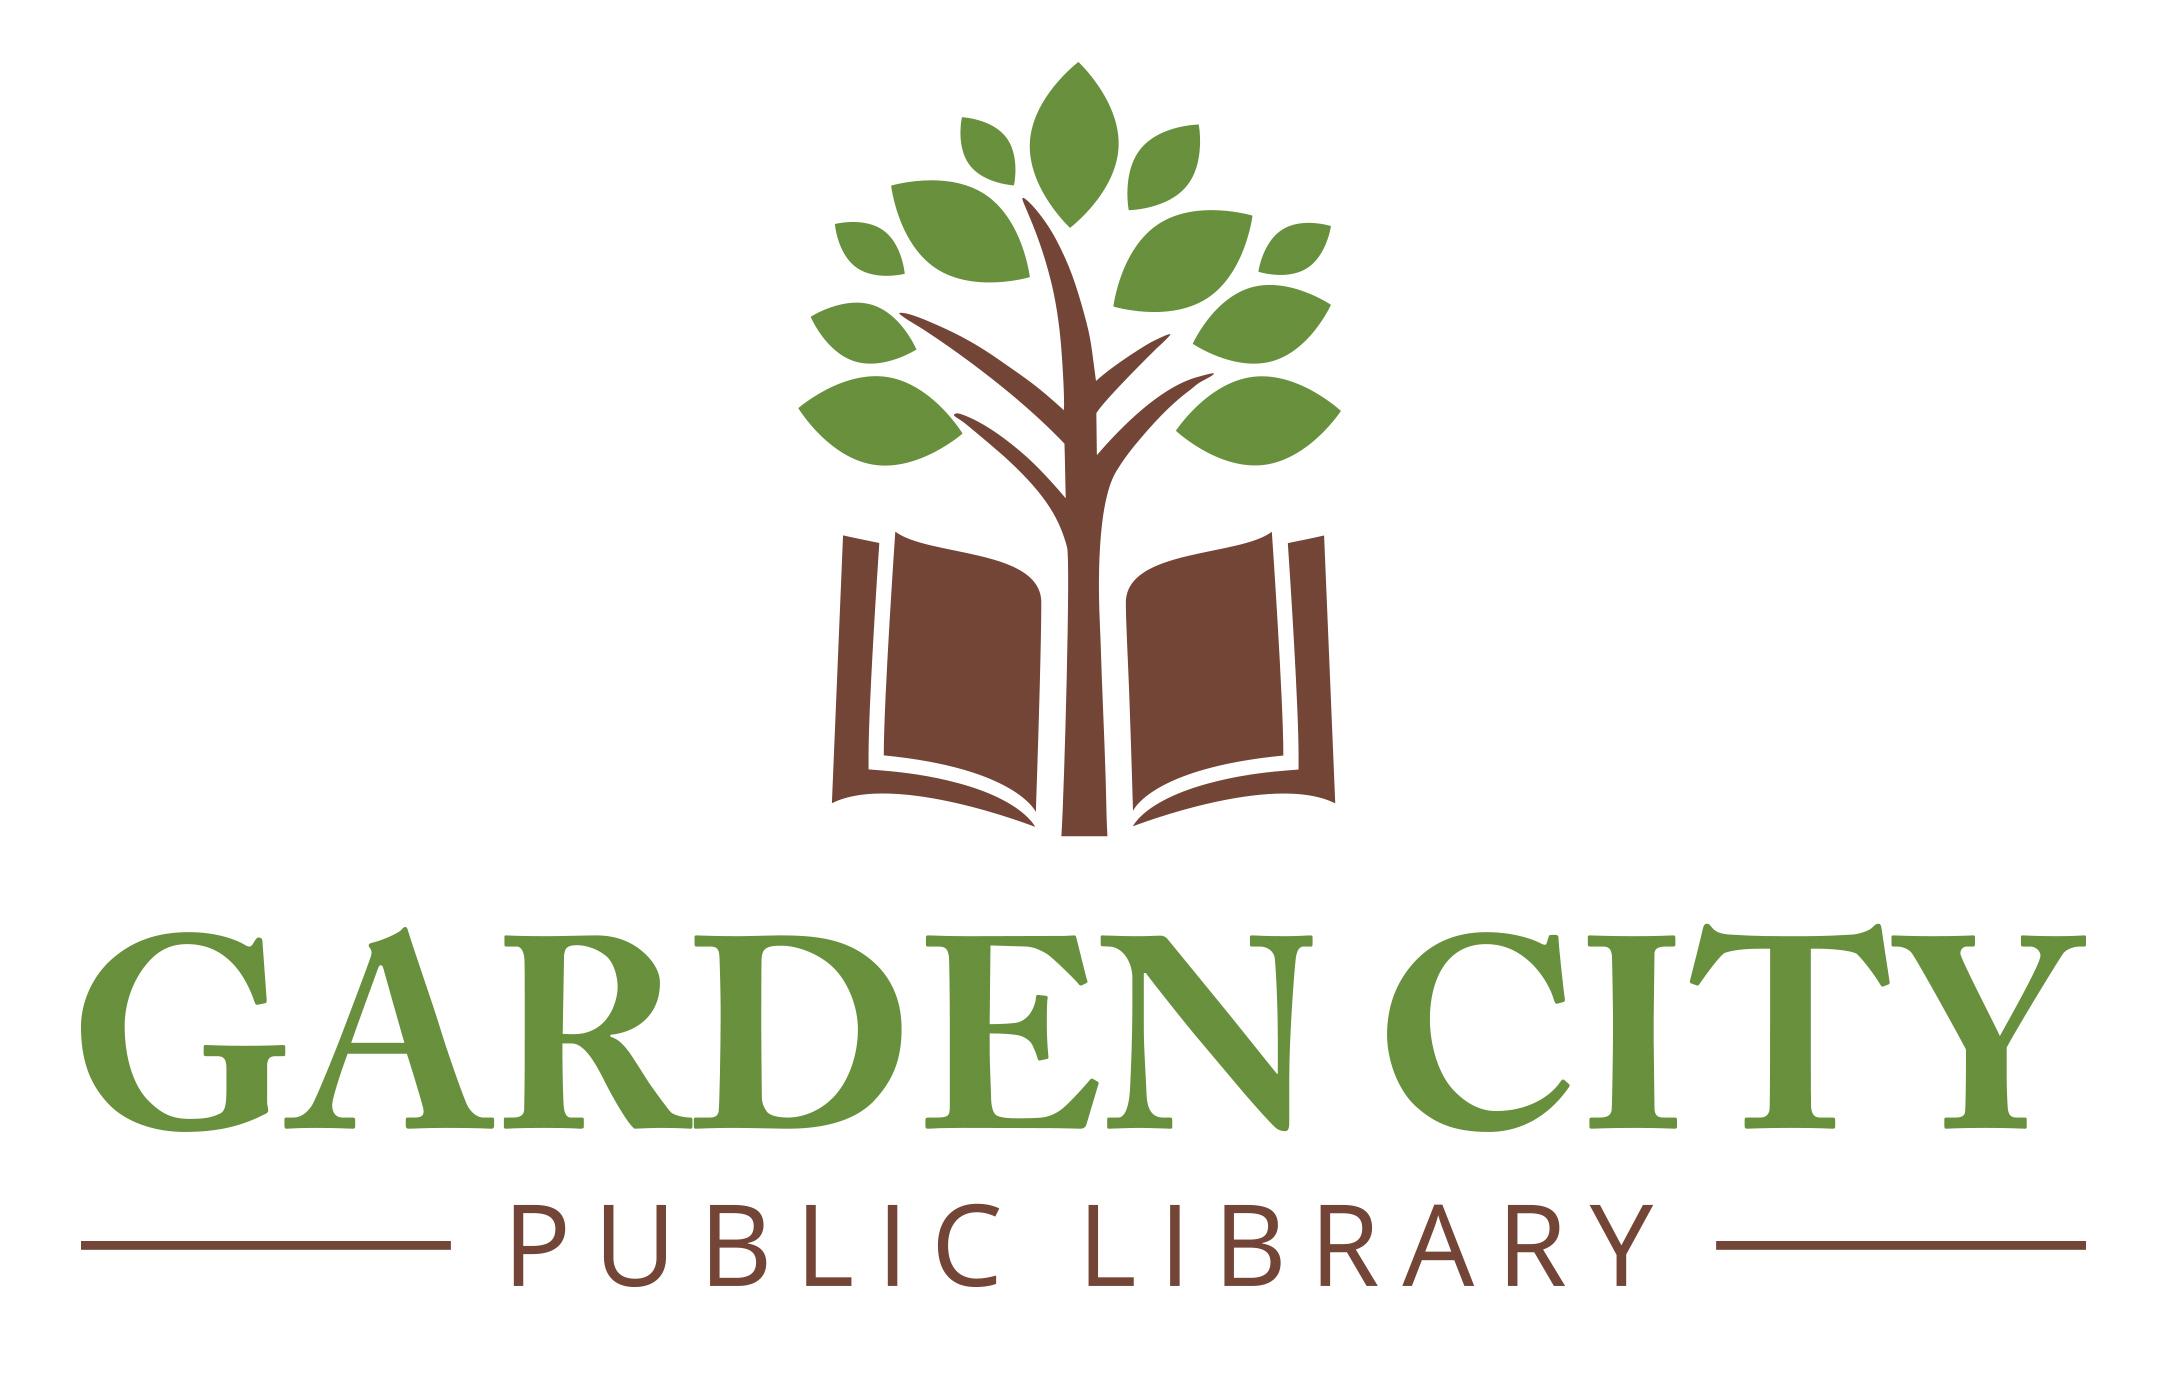 Garden_City_Library_cropped_logo.jpg